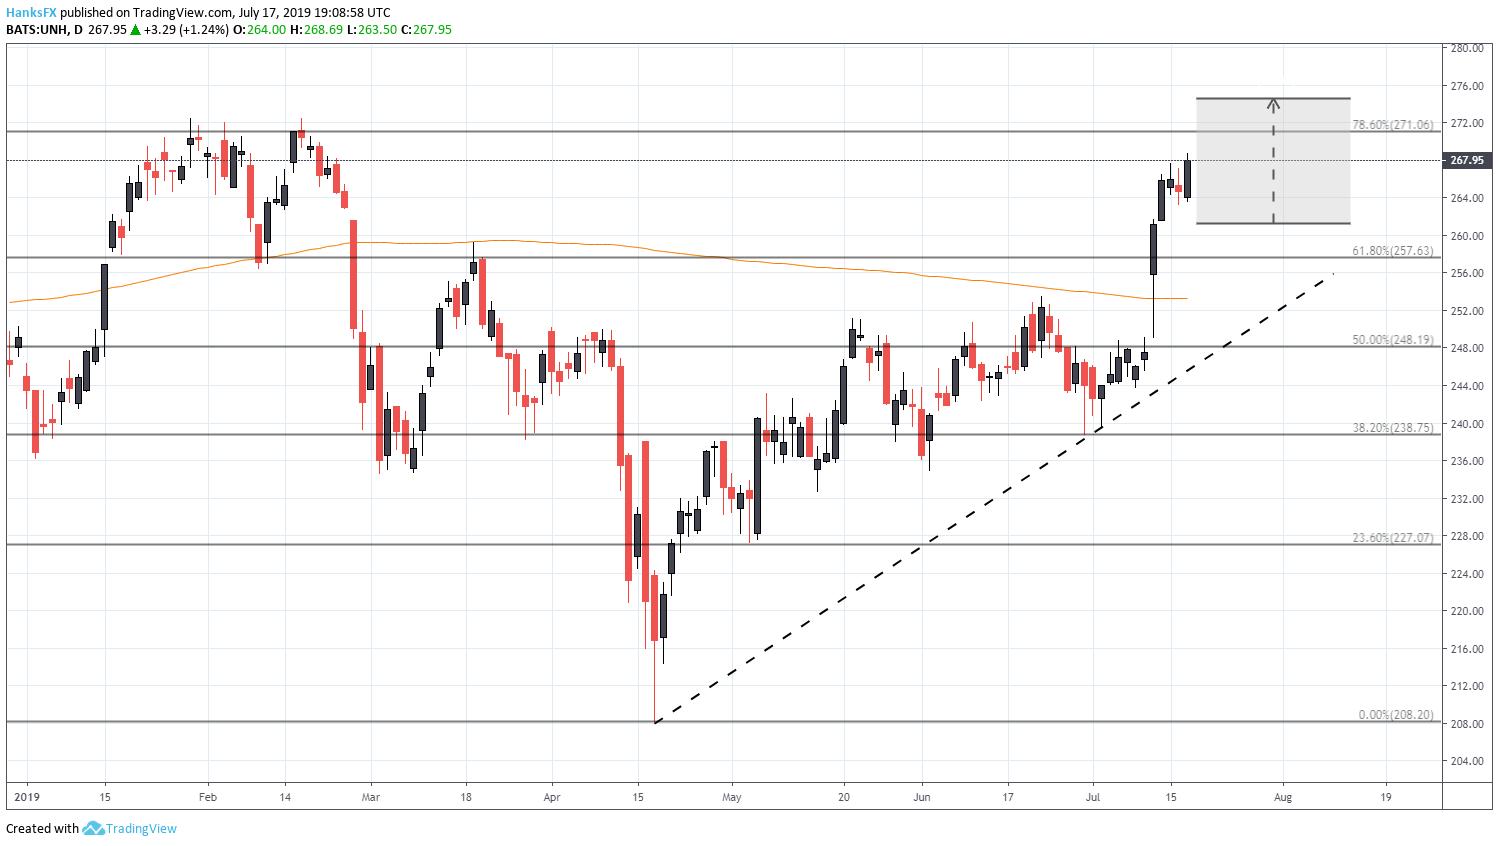 Nflx earnings date